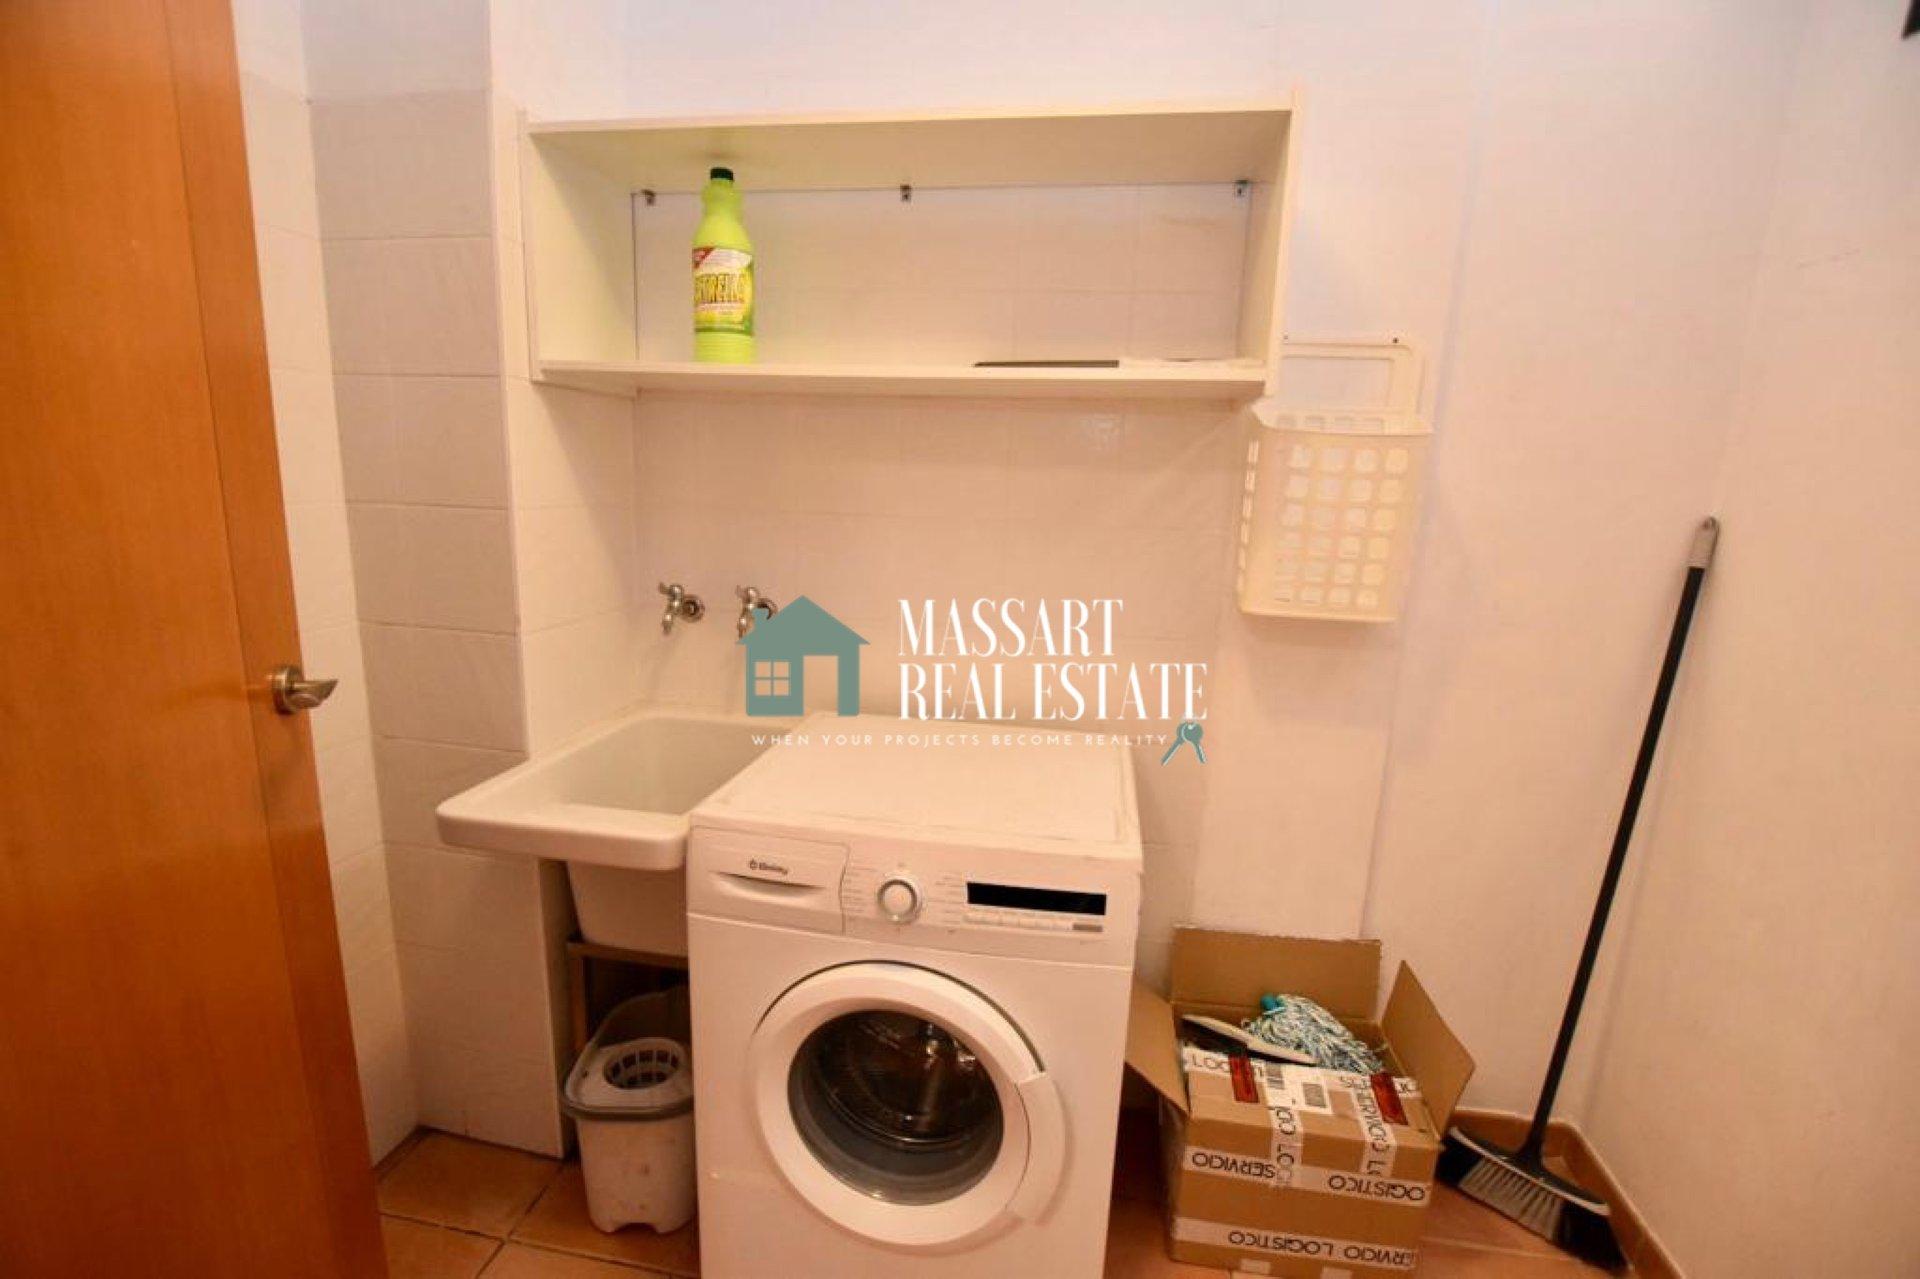 """A vendre à Playa Paraíso (Adeje), dans le quartier résidentiel """"Paraíso II"""", appartement entièrement meublé et rénové ... prêt à emménager!."""